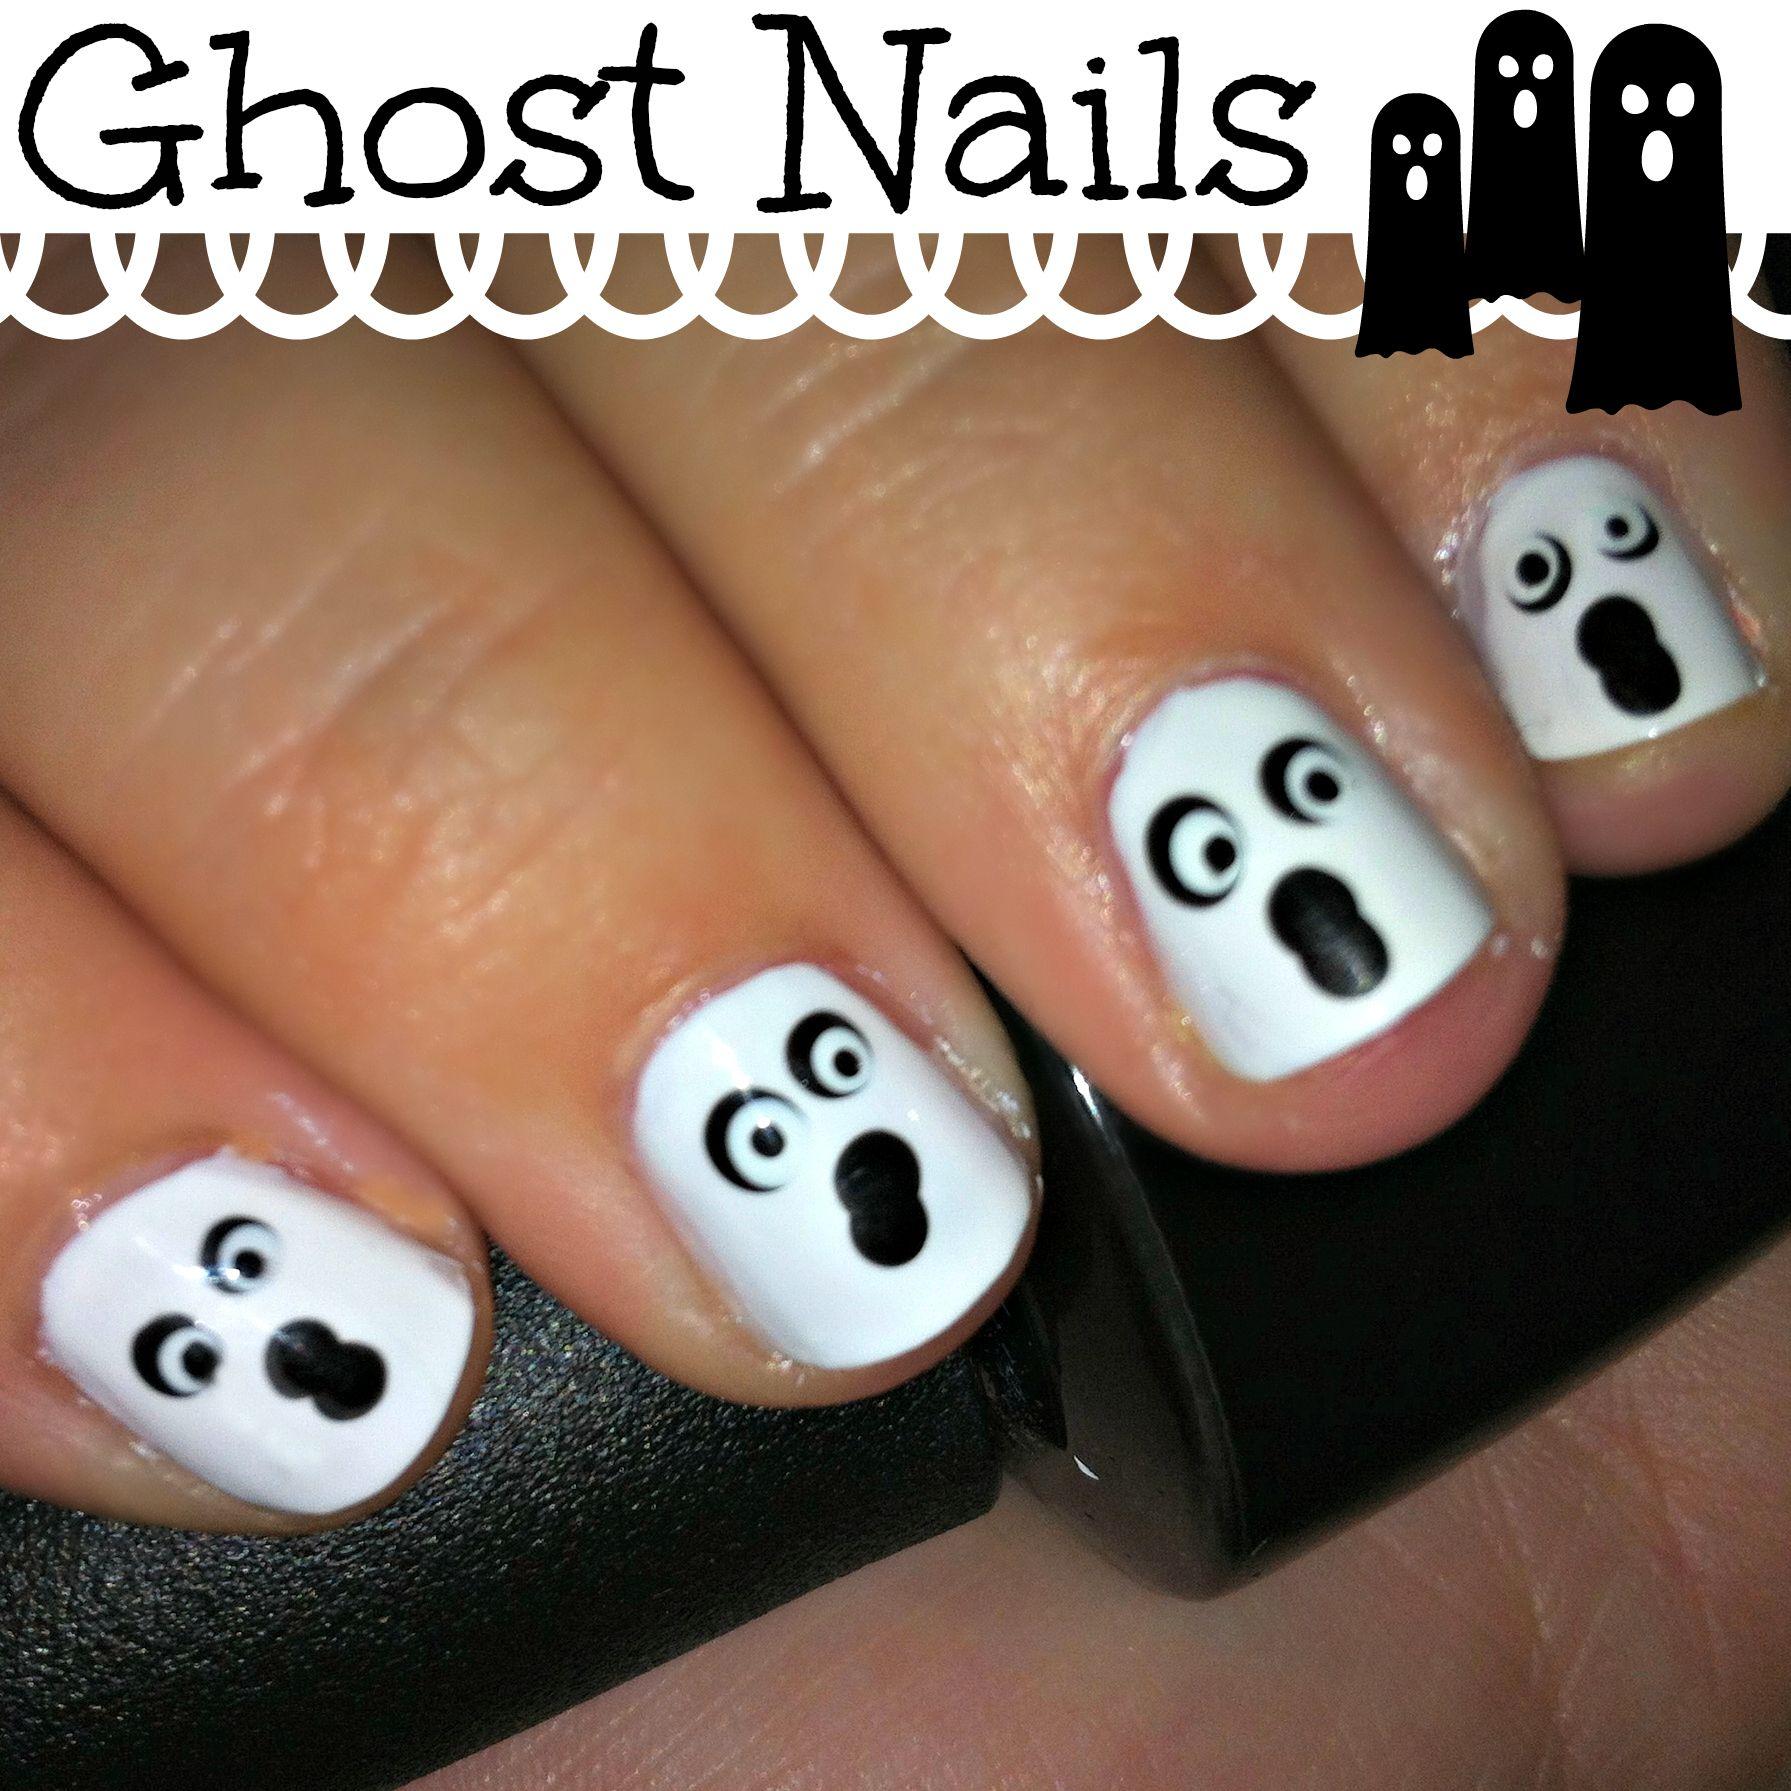 Halloween Ghost Nail Art | Nails, Halloween nails, Fun nails